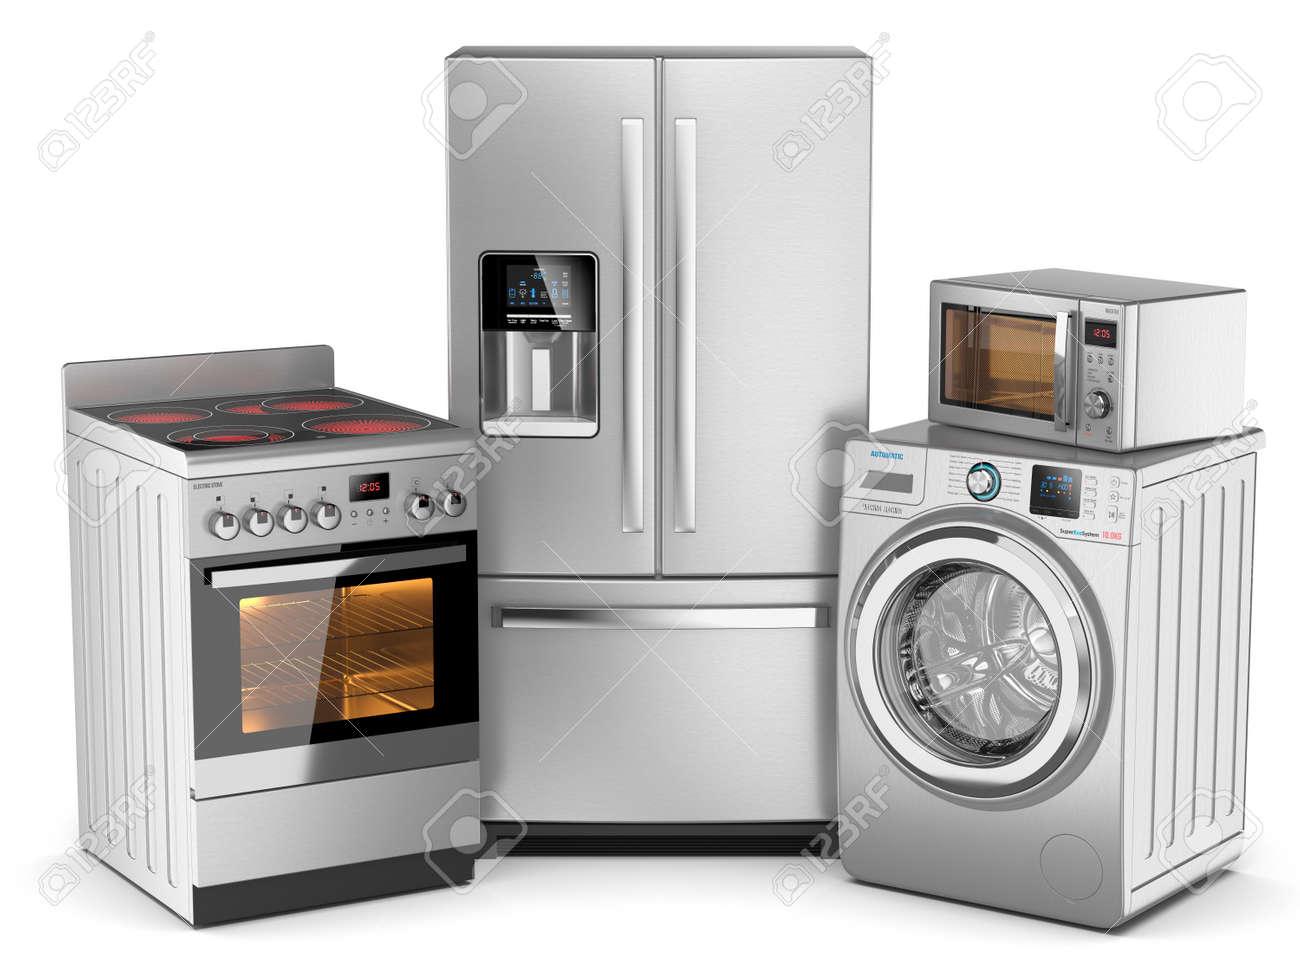 Kühlschrank Silber : Haushaltsgeräte gruppe von silber kühlschrank waschmaschine